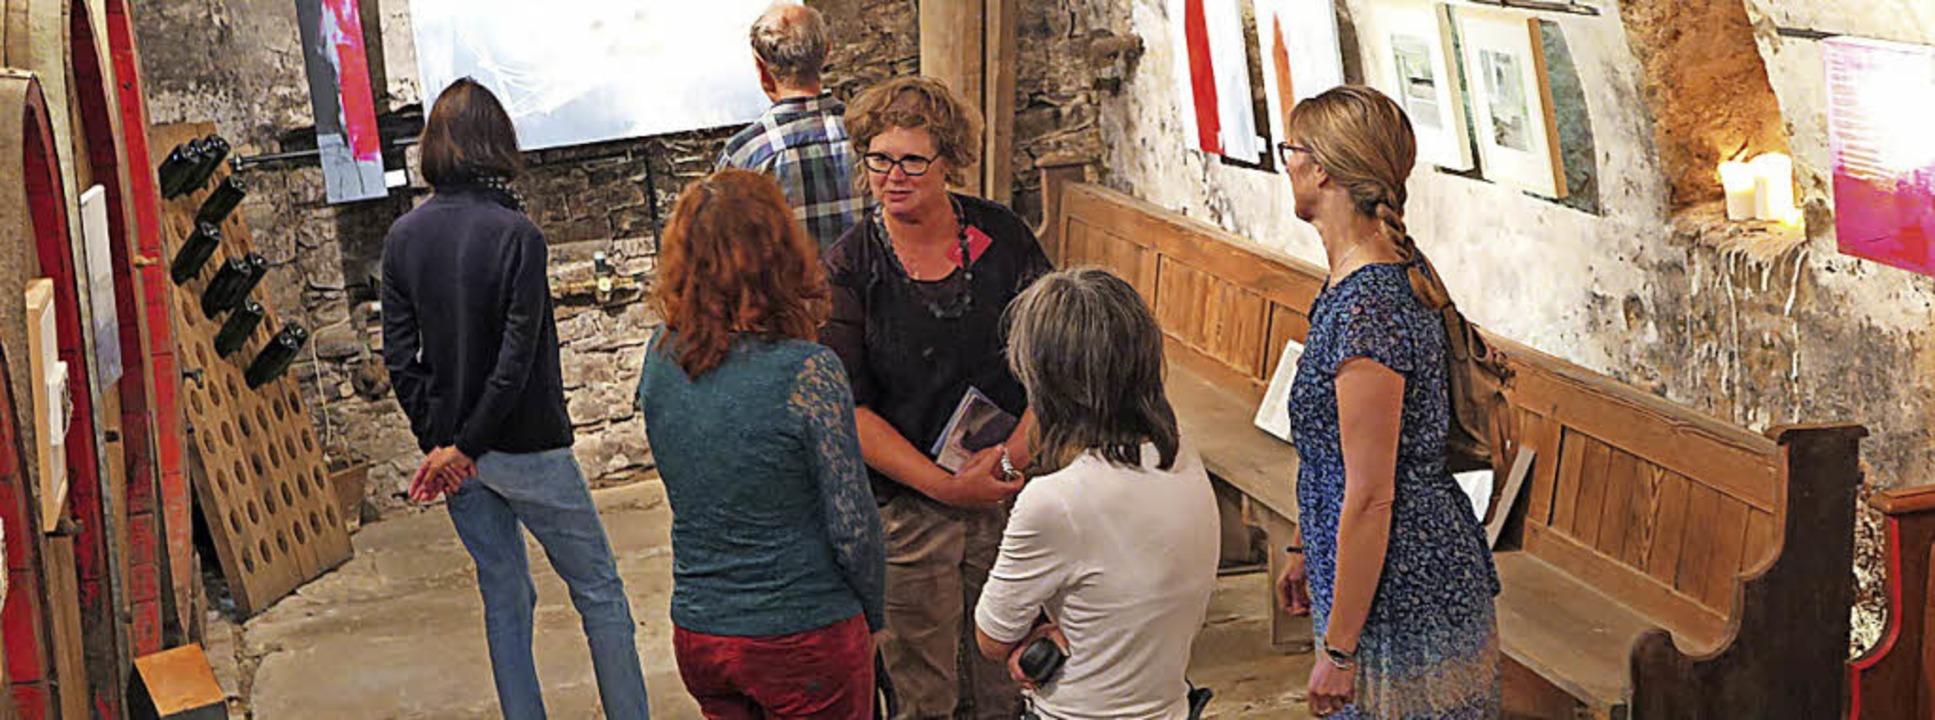 Atmosphäre im Weinkeller: Annette Hollenwäger mit Gästen  | Foto: Beatrice Ehrlich